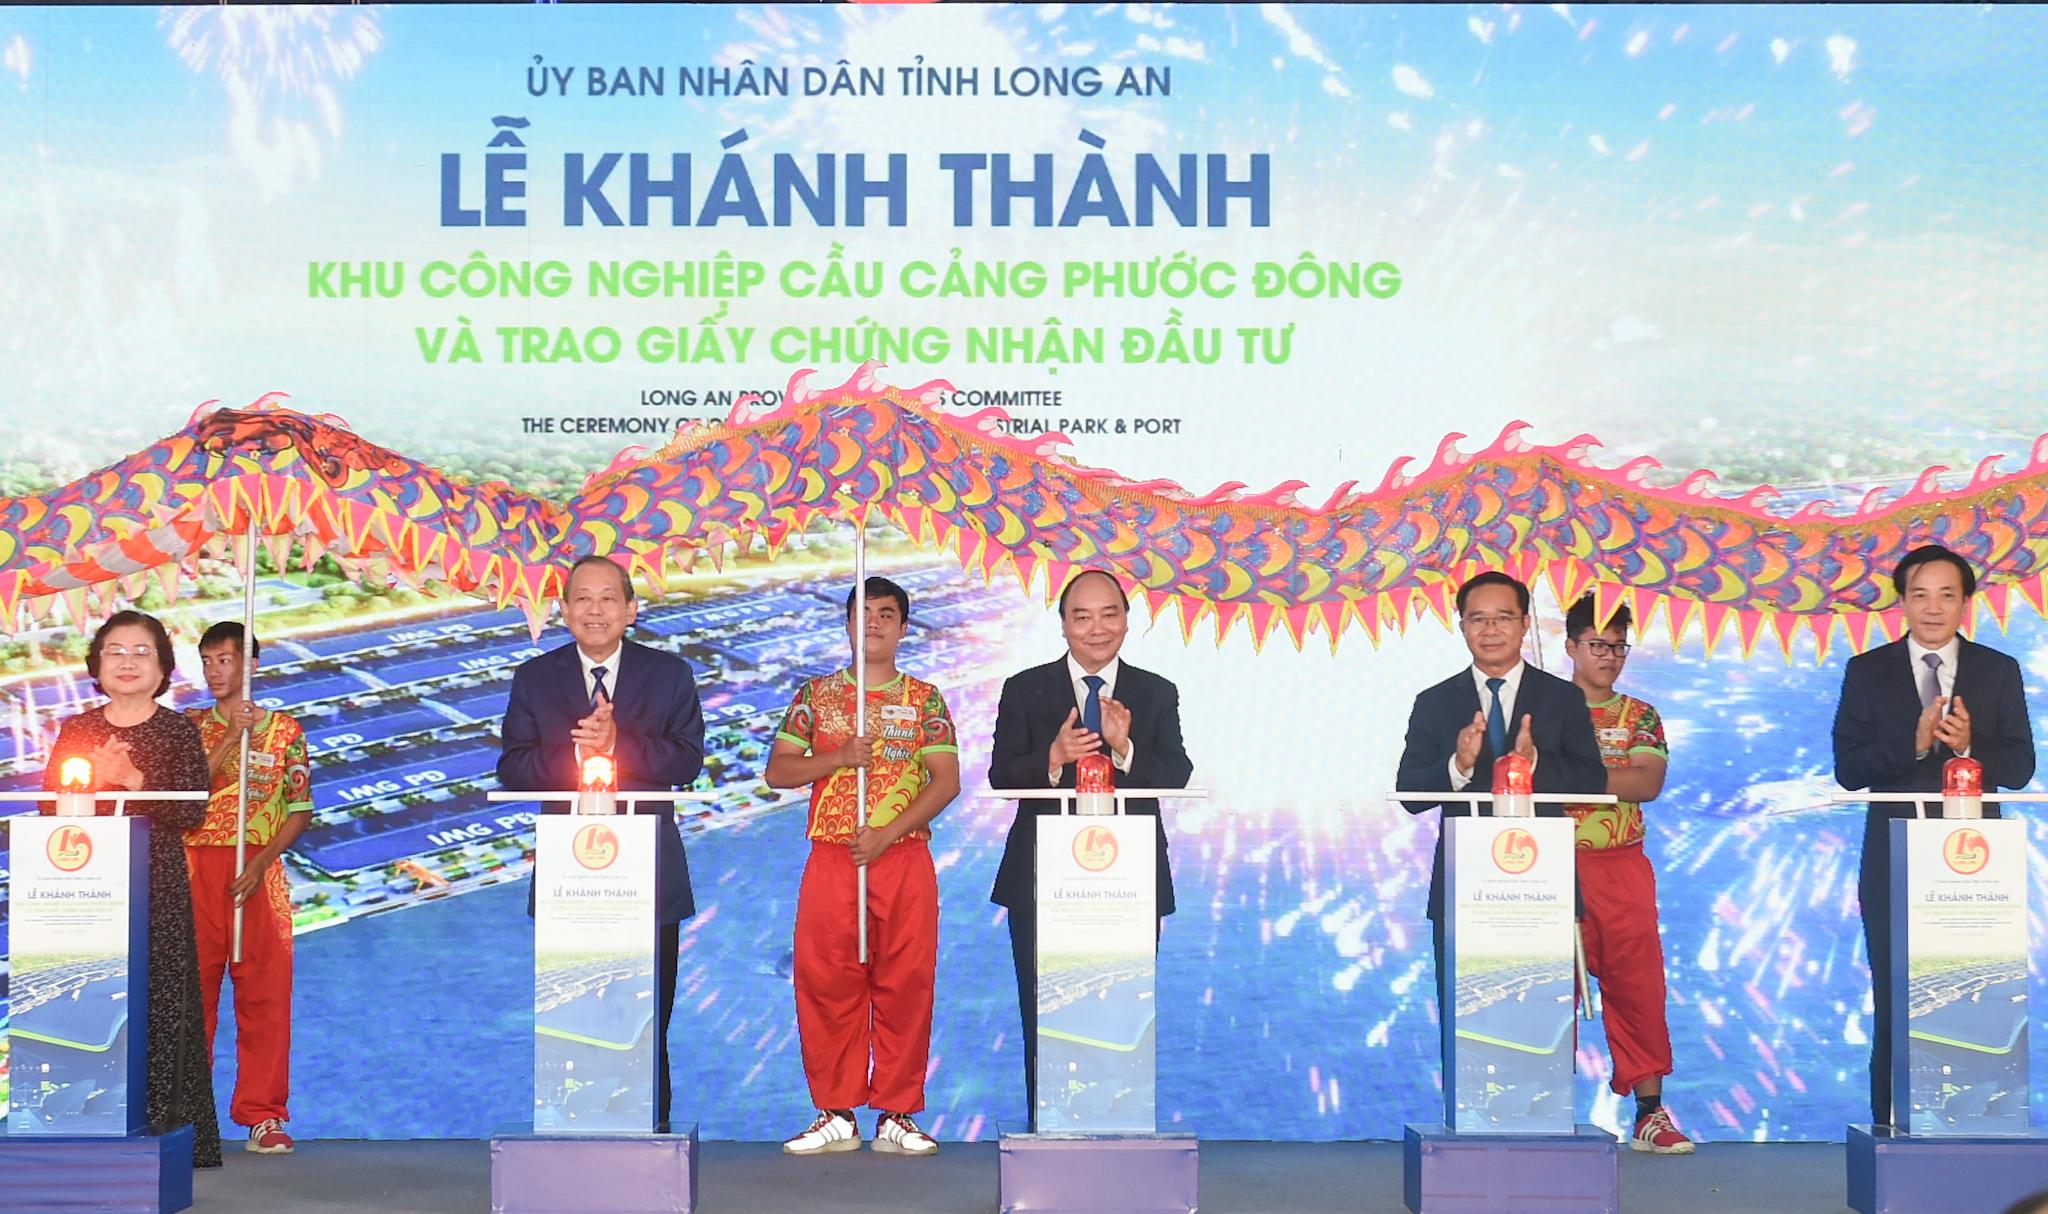 Thủ tướng Nguyễn Xuân Phúc, Phó Thủ tướng Trương Hòa Bình cùng các đại biểu dự Lễ khánh thành Khu công nghiệp Cầu cảng Phước Đông. Ảnh VGP/Quang Hiếu